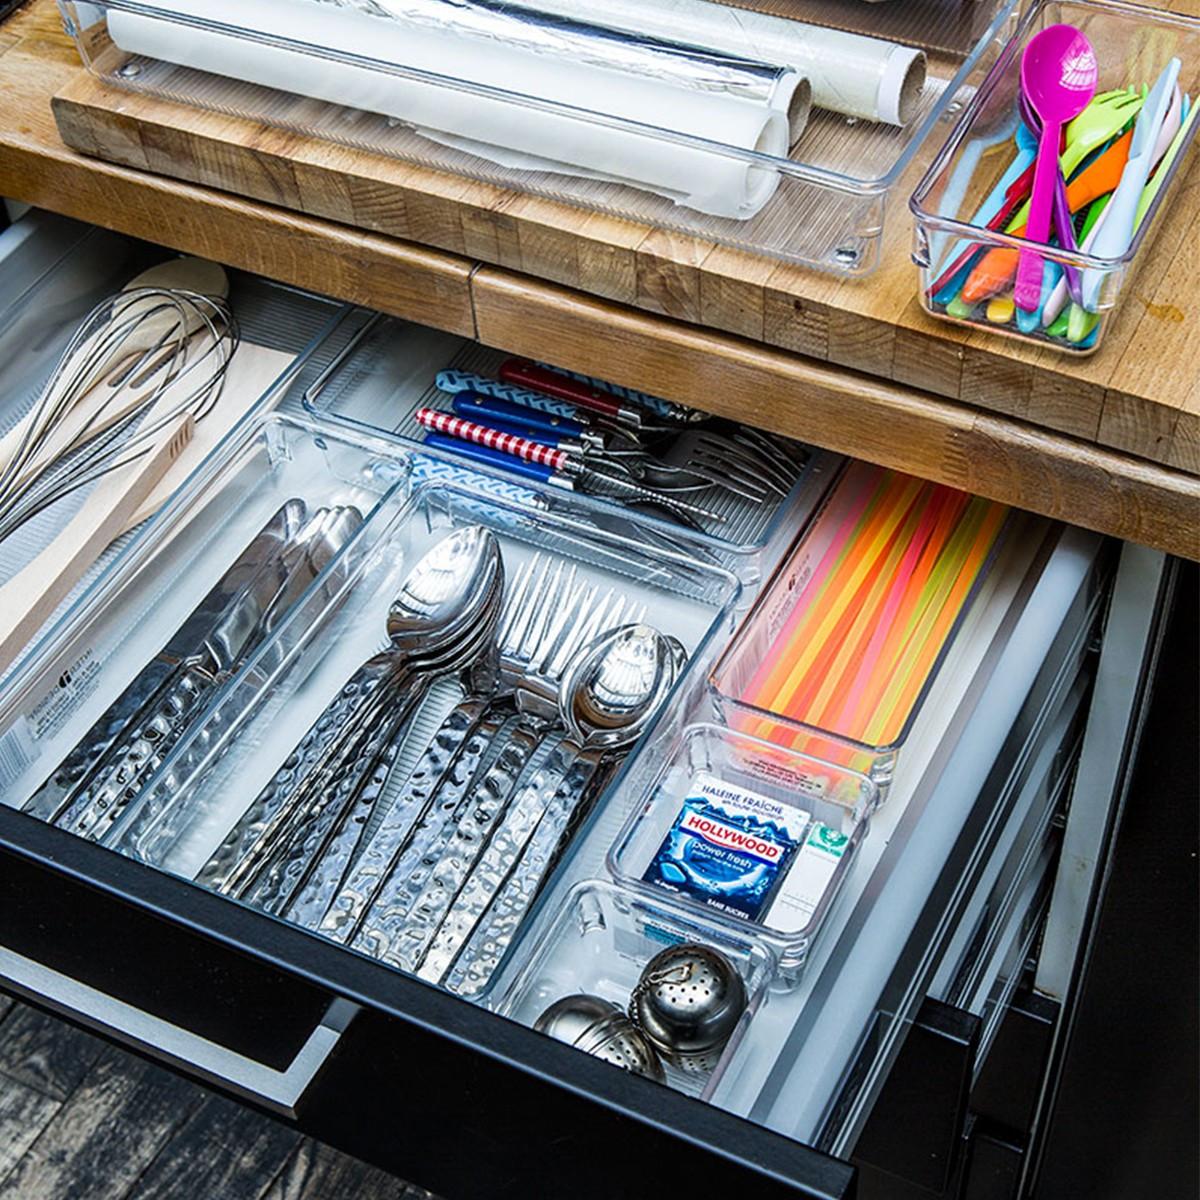 S parateur de tiroir couverts acrylique rangement cuisine for Organisateur de tiroir